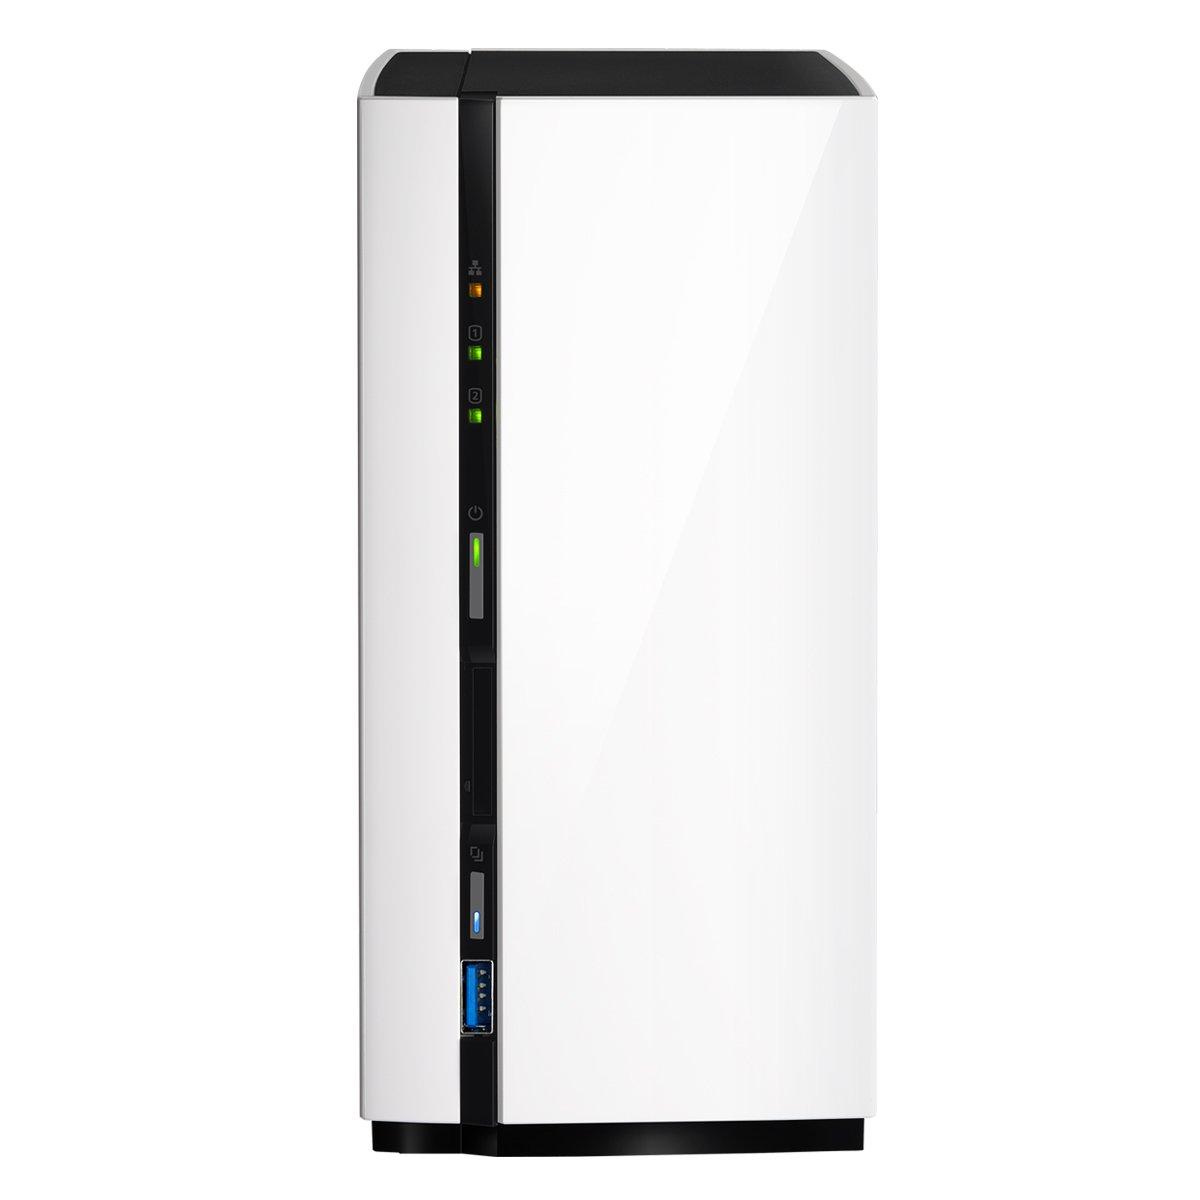 QNAP TS-228 NAS Mini Tower Ethernet Negro, Color blanco servidor de almacenamiento - Unidad RAID (Unidad de disco duro, SATA, 3.5